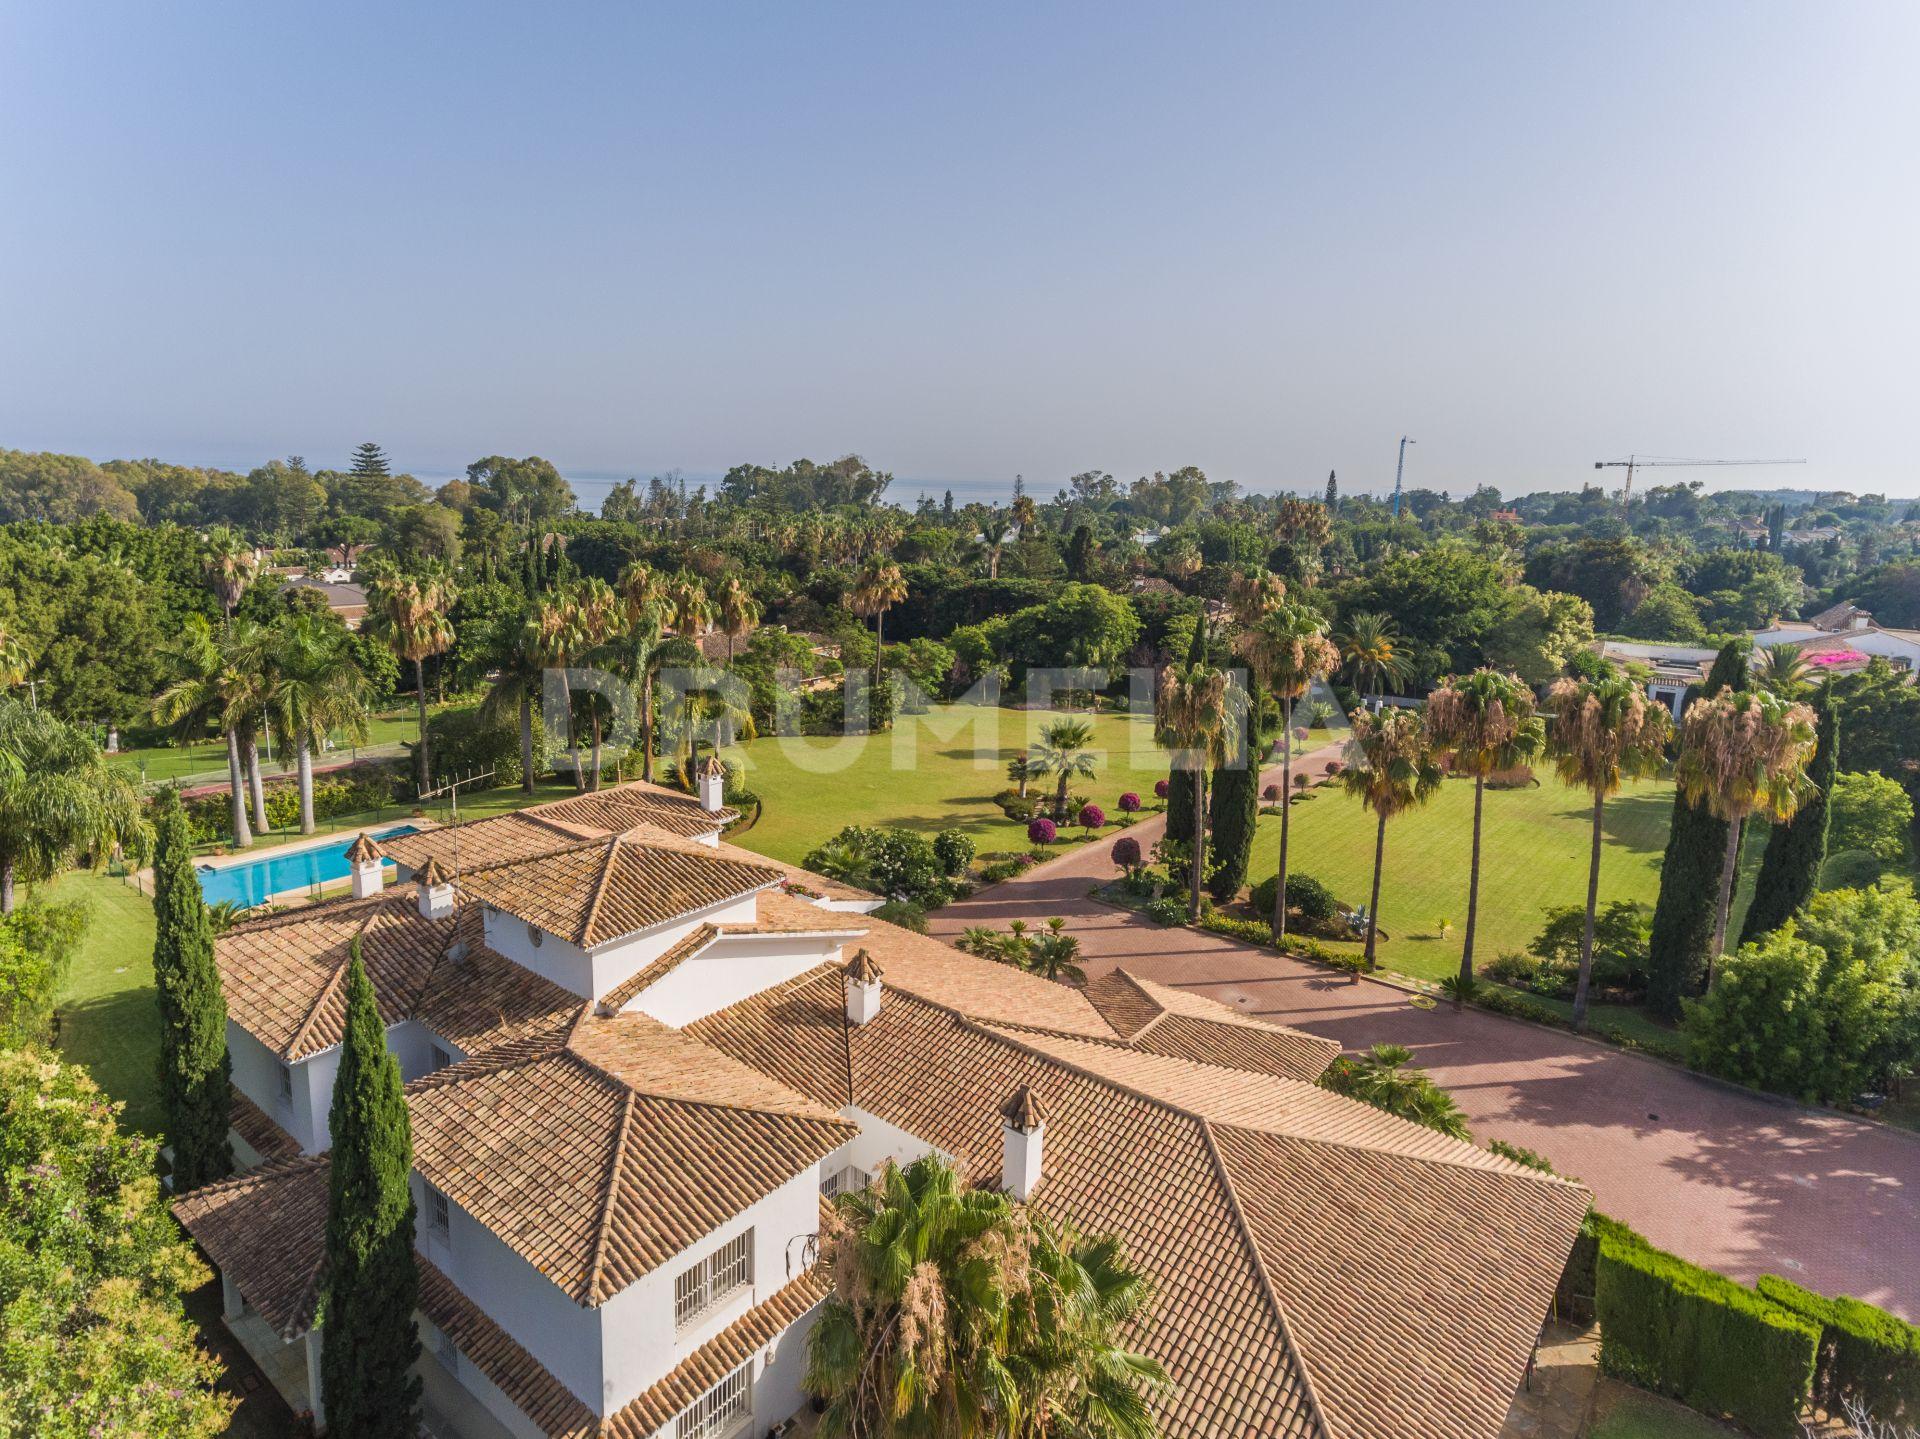 Недвижимость в долно драглиште дешевая недвижимость в турции